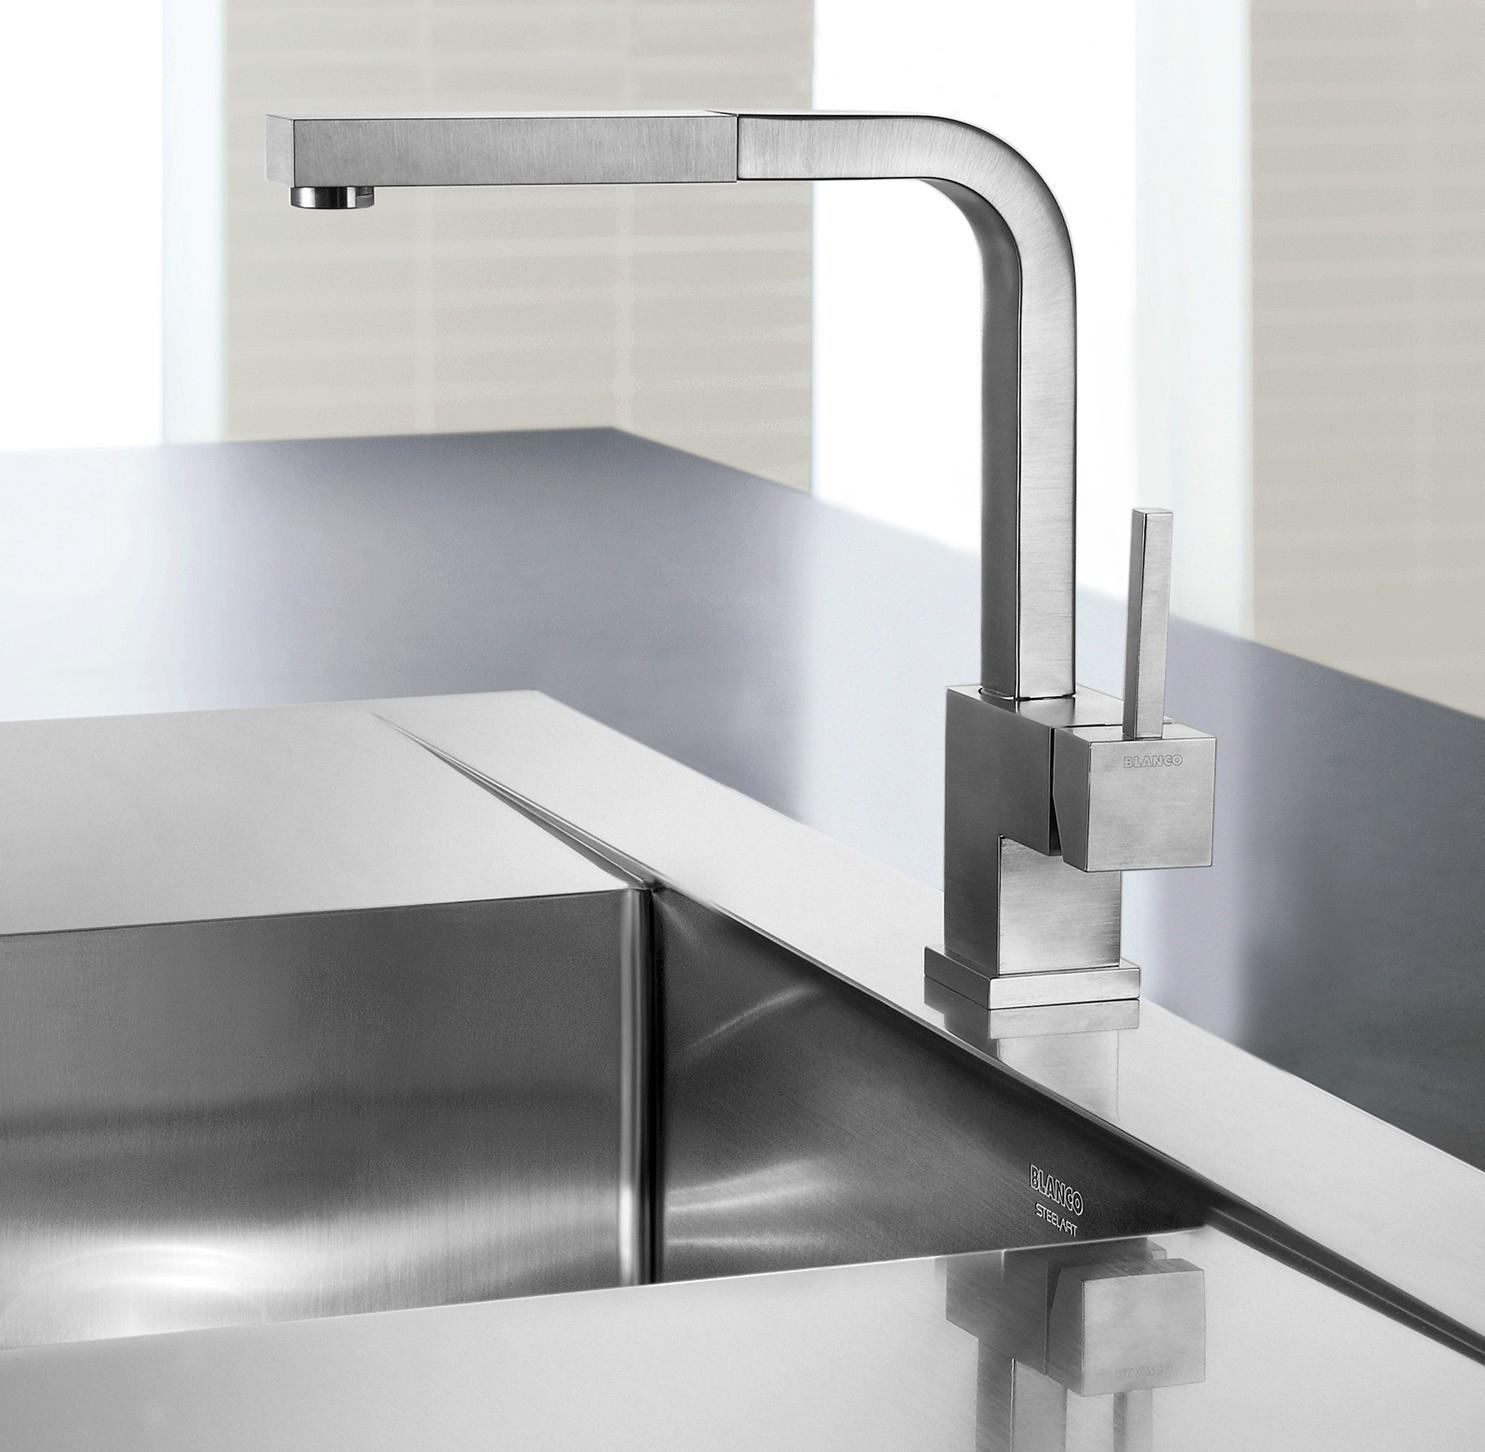 Domo Kitchen: Domo Kwc Kitchen Faucet